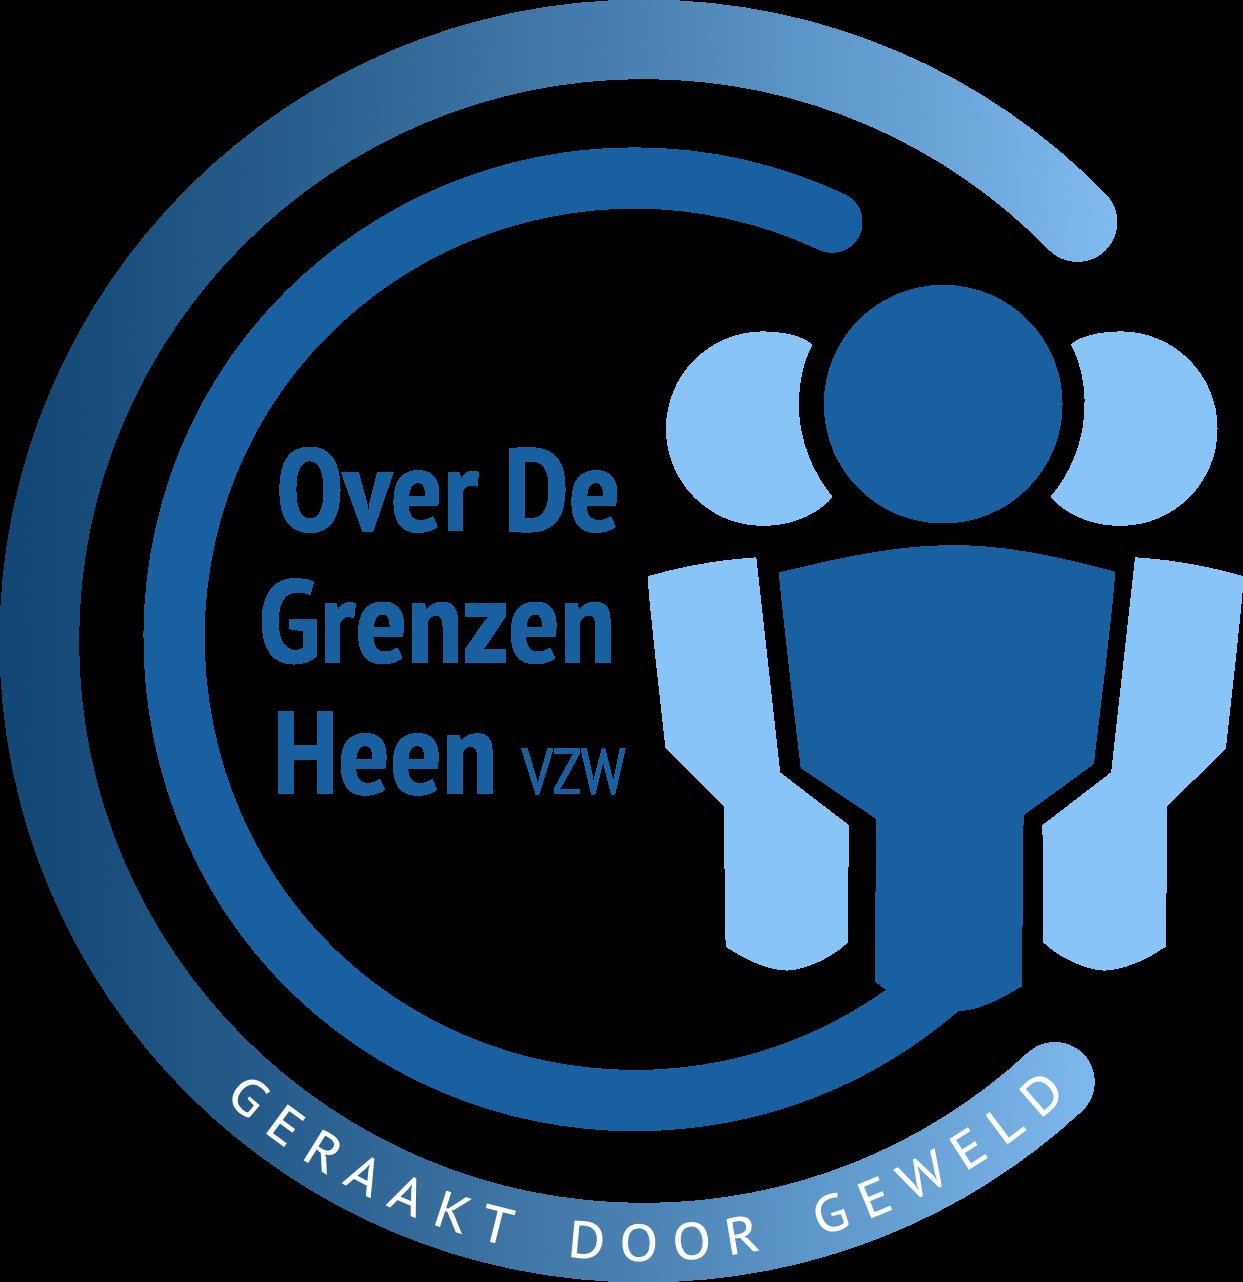 Over De Grenzen Heen VZW logo